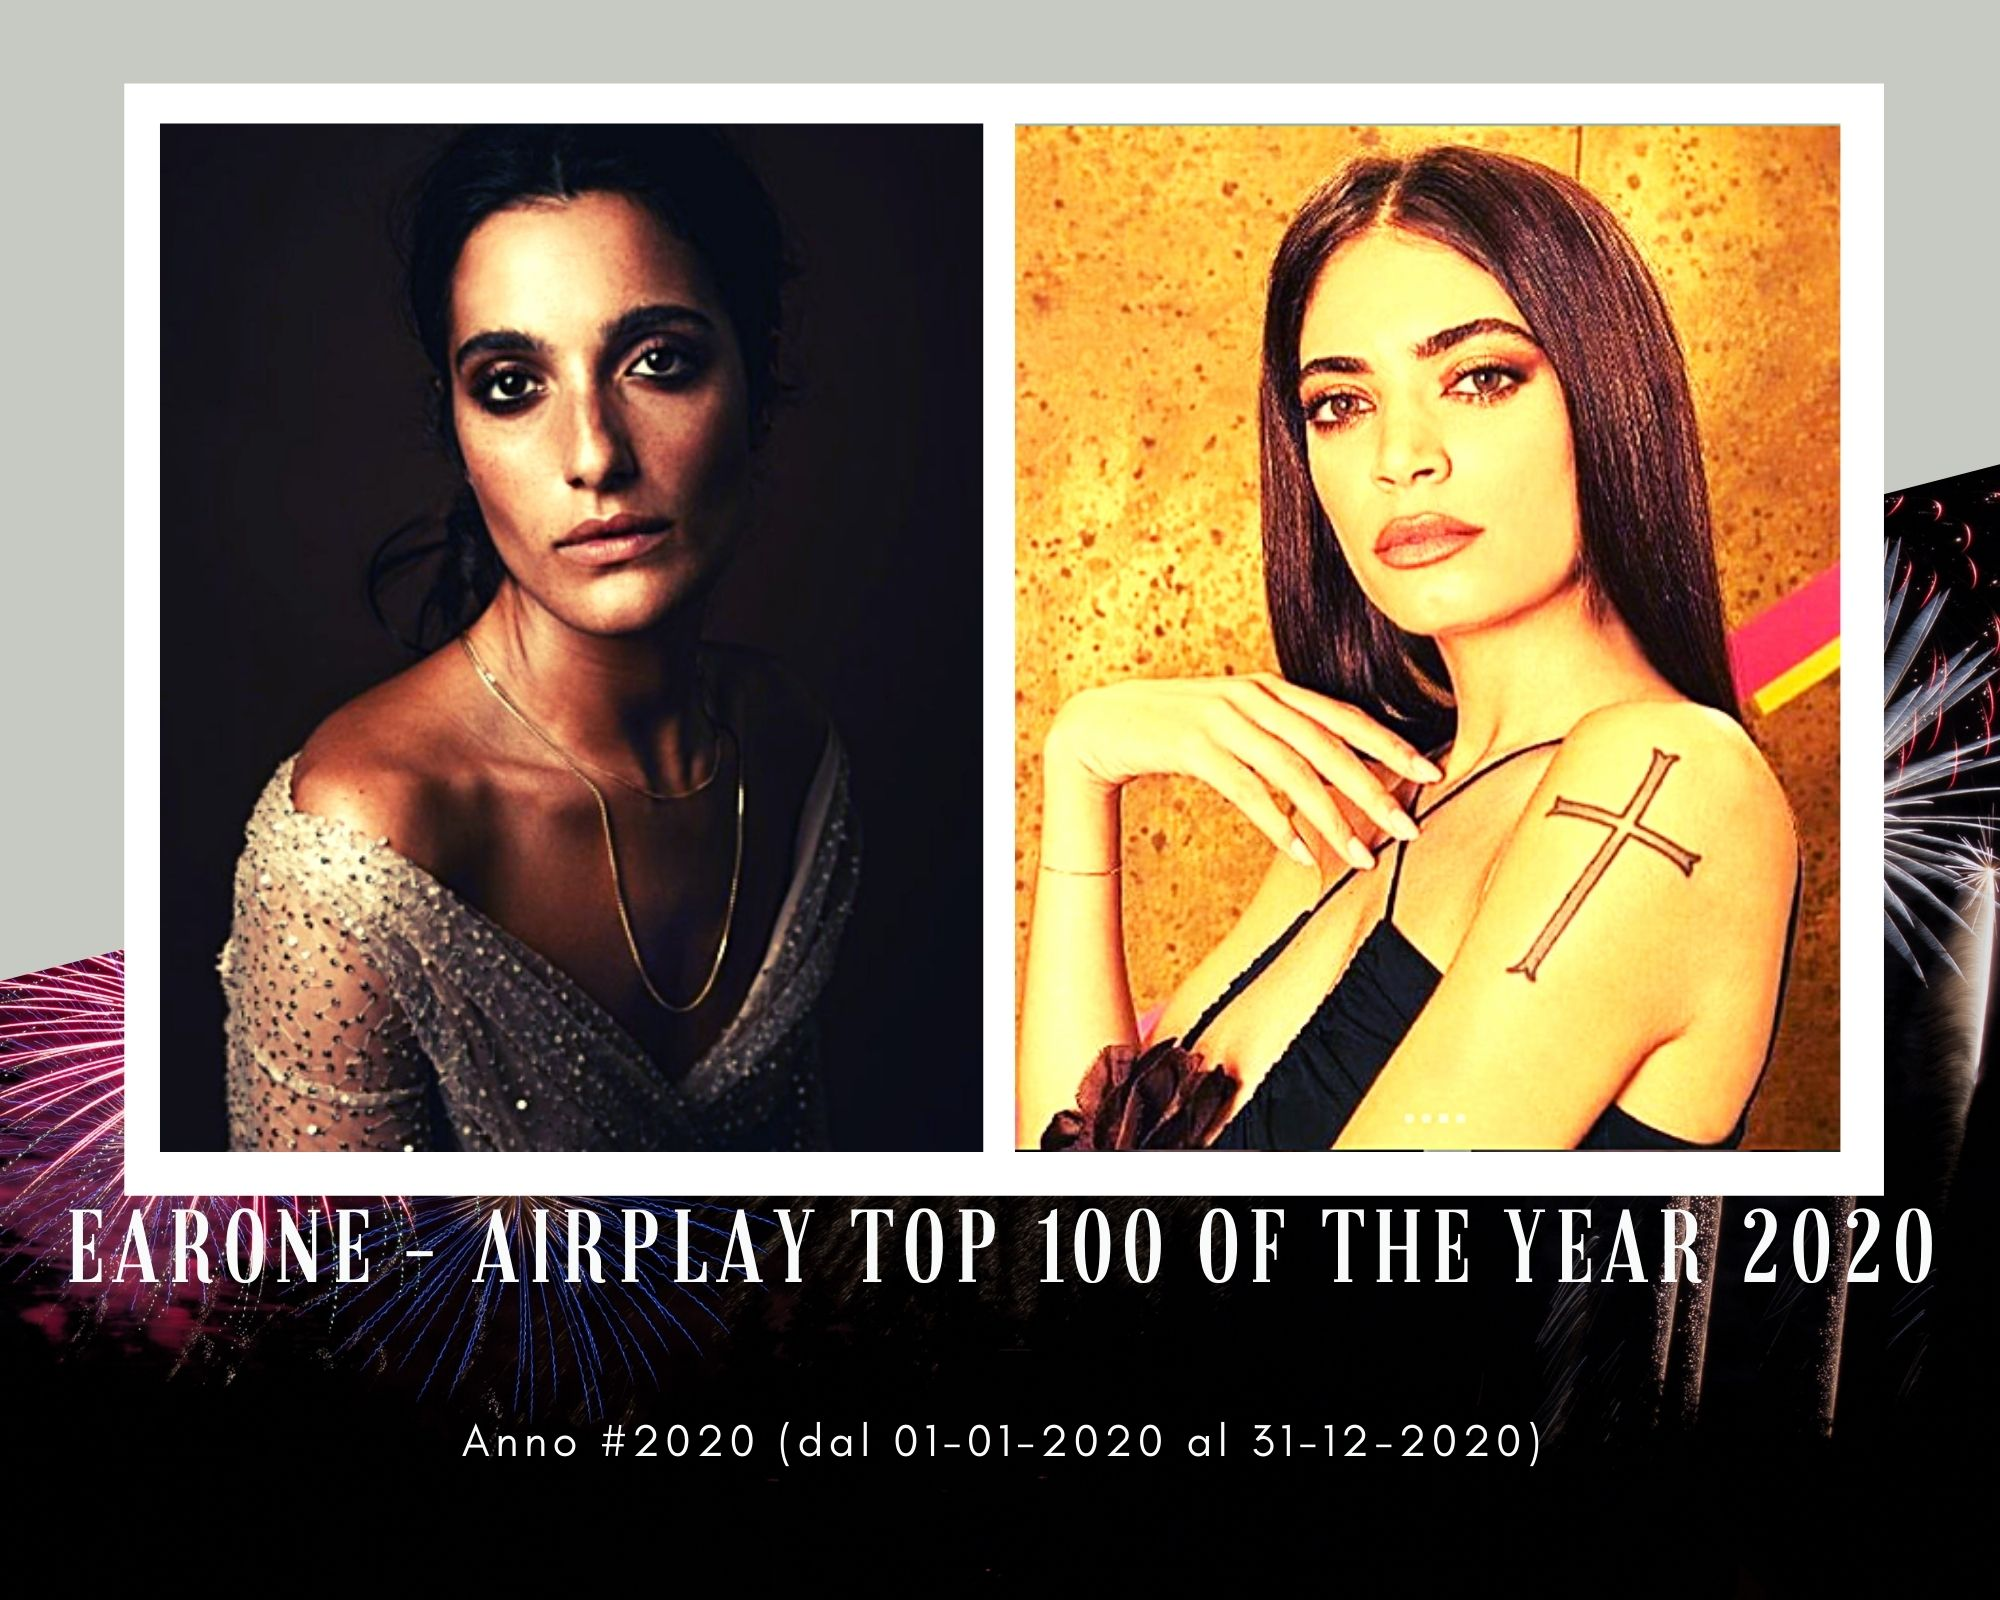 CLASSIFICA AIRPLAY 2020: La radio italiana è esterofila, Sanremo donna grazie a Levante e Elodie! ECCO LA TOP 50